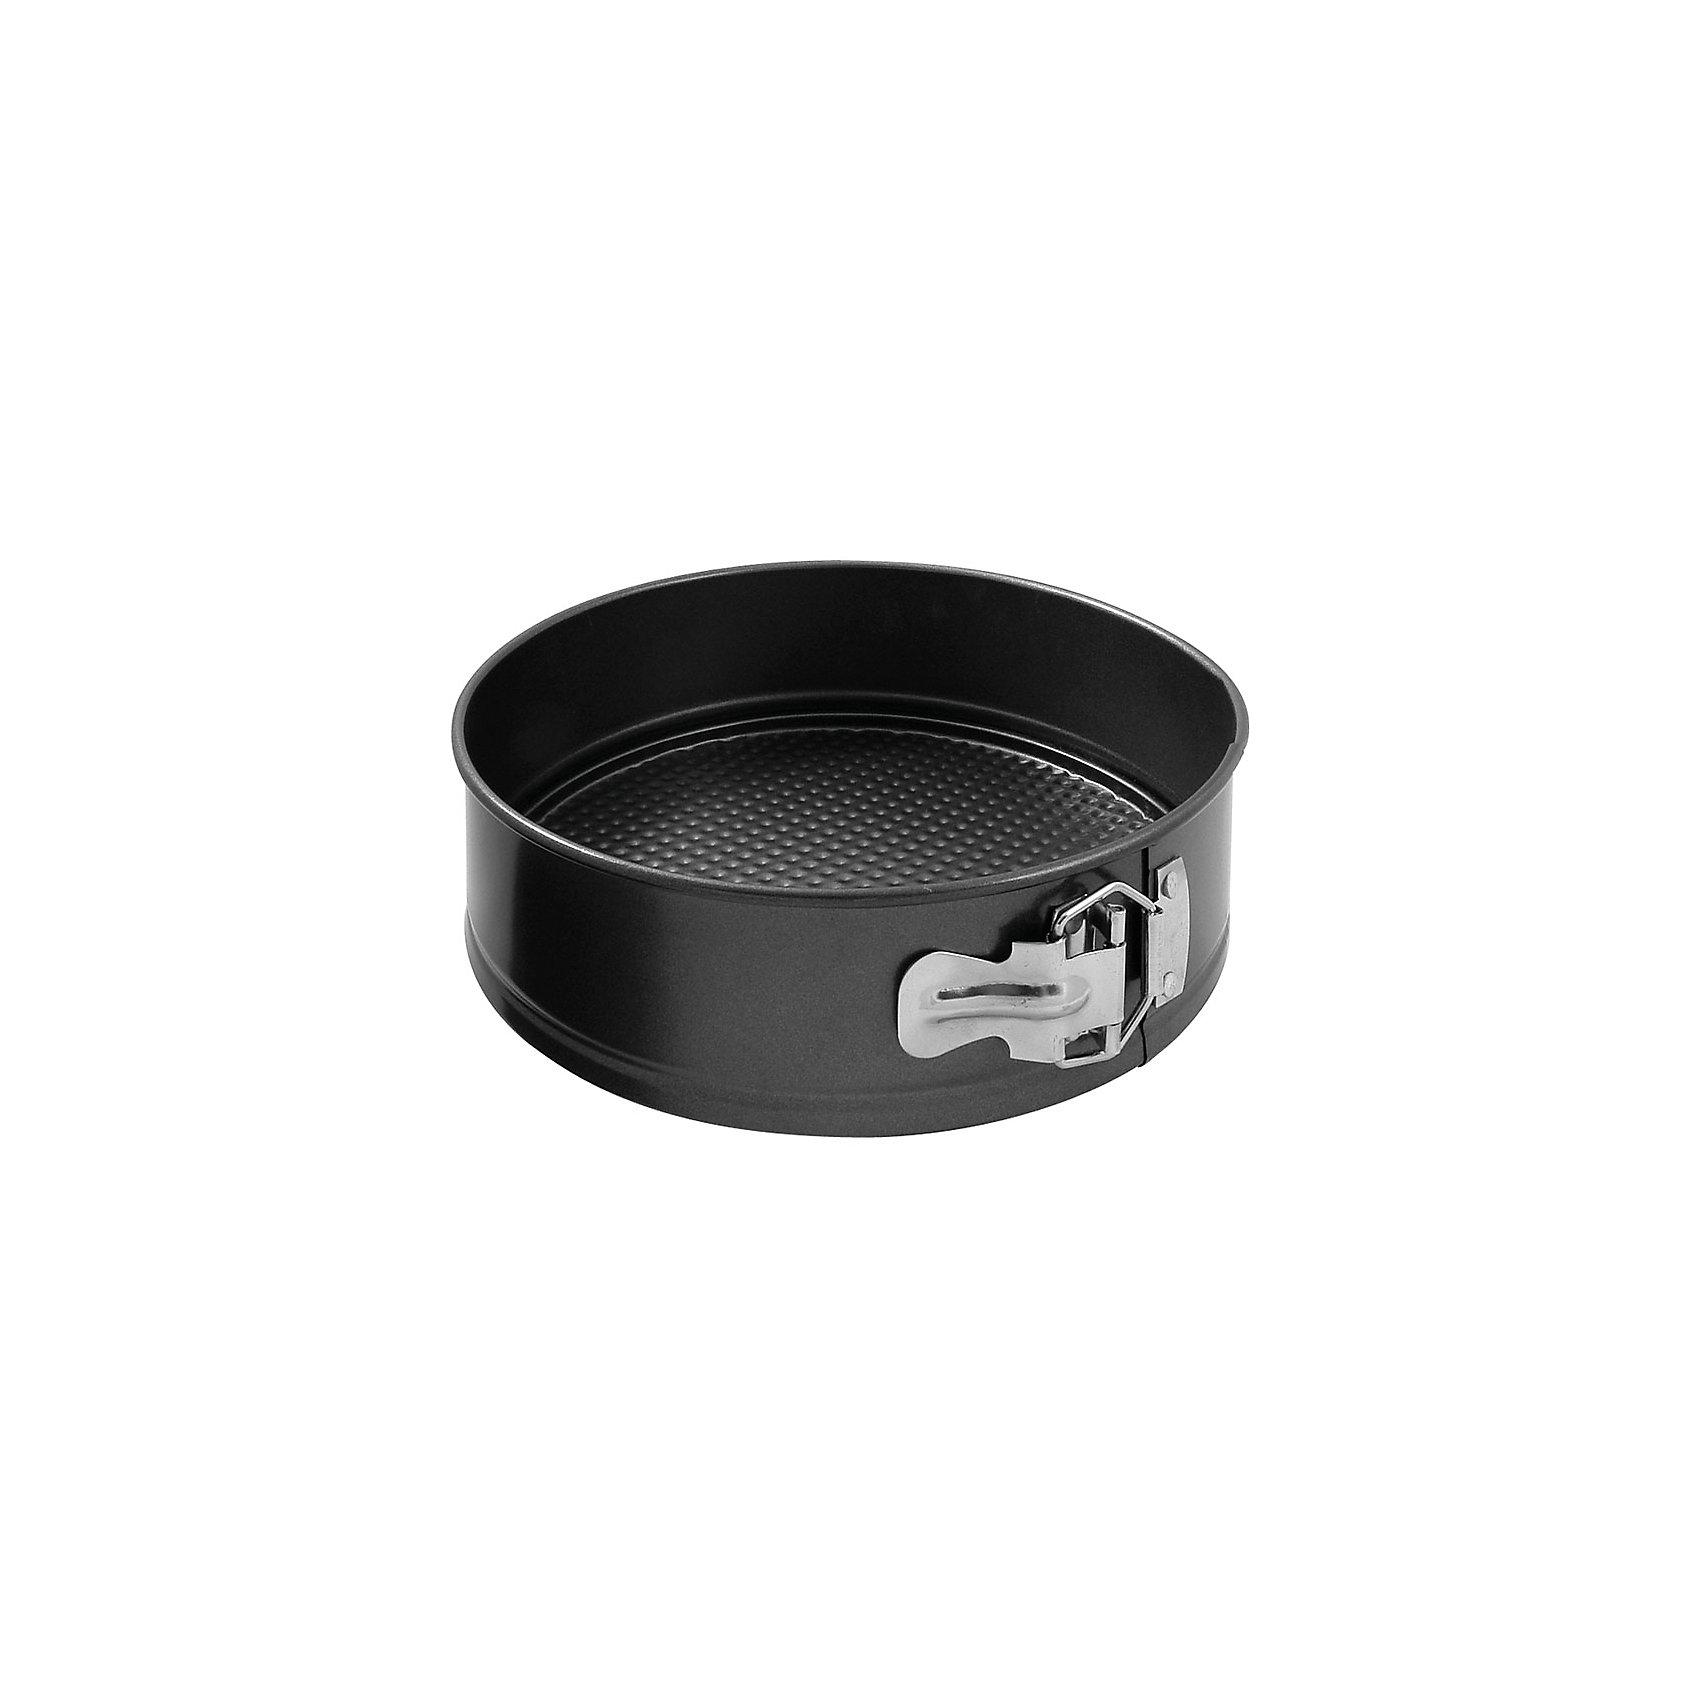 Форма для выпечки раскладная SL-4006, MallonyБытовая техника для кухни<br>Форма для выпечки раскладная SL-4006, Mallony (Маллони)<br><br>Характеристики:<br><br>• разбирается и собирается с помощью зажима<br>• антипригарное покрытие<br>• рельефное дно<br>• легко мыть<br>• толщина: 0,4 мм<br>• размер: 28х7 см<br><br>Форма для выпечки SL-4006 легко складывается и раскладывается с помощью специального зажима - это значительно поможет вам сэкономить место на кухне. Антипригарное покрытие формы защитит блюдо от пригорания. Форма имеет рельефное дно, благодаря которому вы с легкостью сможете достать выпечку. Форма легко моется. Диаметр - 28 сантиметров.<br><br>Форму для выпечки раскладную SL-4006, Mallony (Маллони) можно купить в нашем интернет-магазине.<br><br>Ширина мм: 290<br>Глубина мм: 280<br>Высота мм: 70<br>Вес г: 418<br>Возраст от месяцев: 216<br>Возраст до месяцев: 1188<br>Пол: Унисекс<br>Возраст: Детский<br>SKU: 5454070